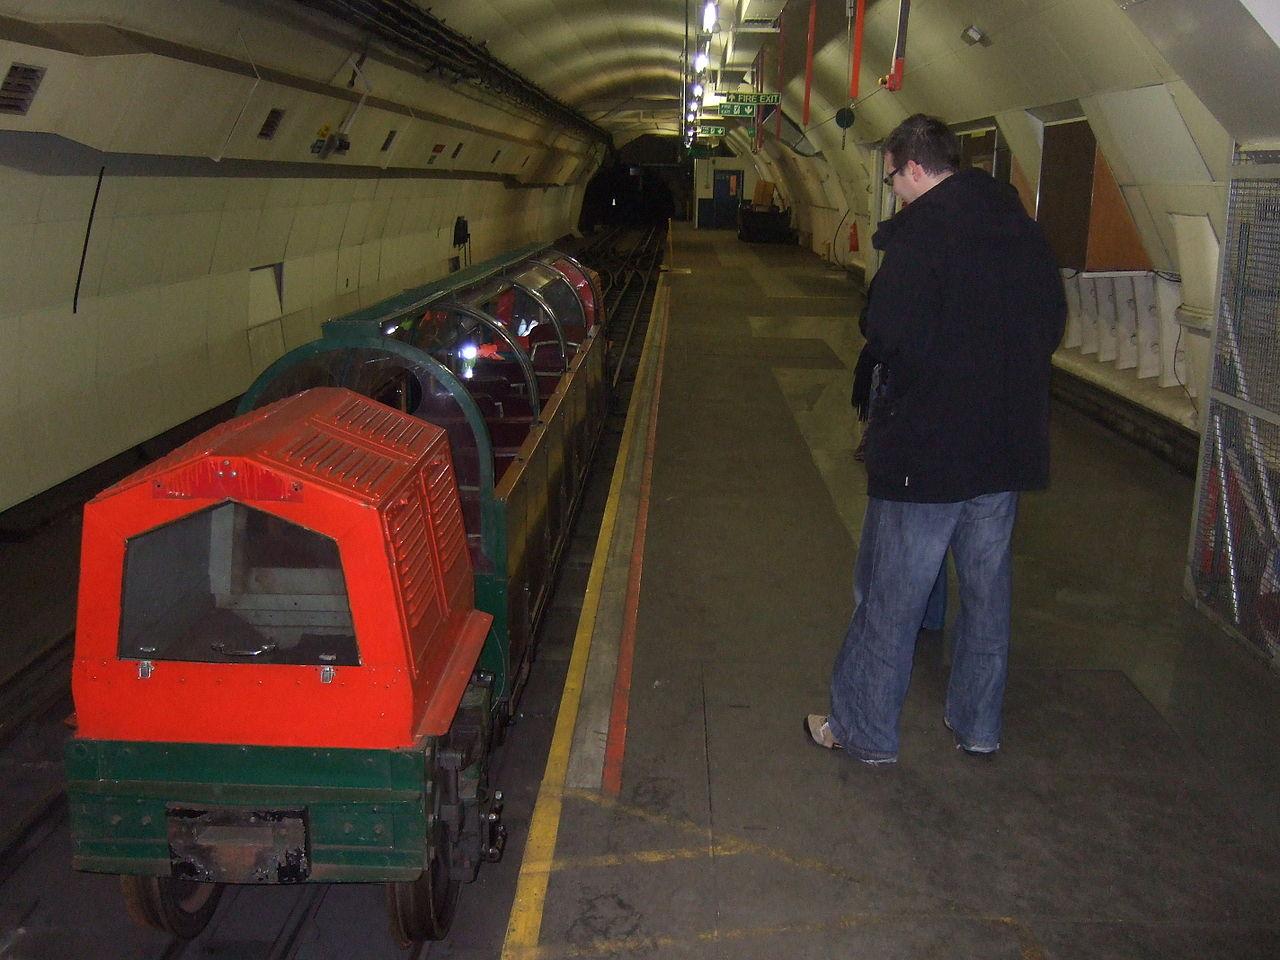 2003. A londoni postaalagút bezárása. A Több, mint 10 km hosszú földalatti vasút a legnagyobb londoni postahivatalokat kötötte össze..jpg